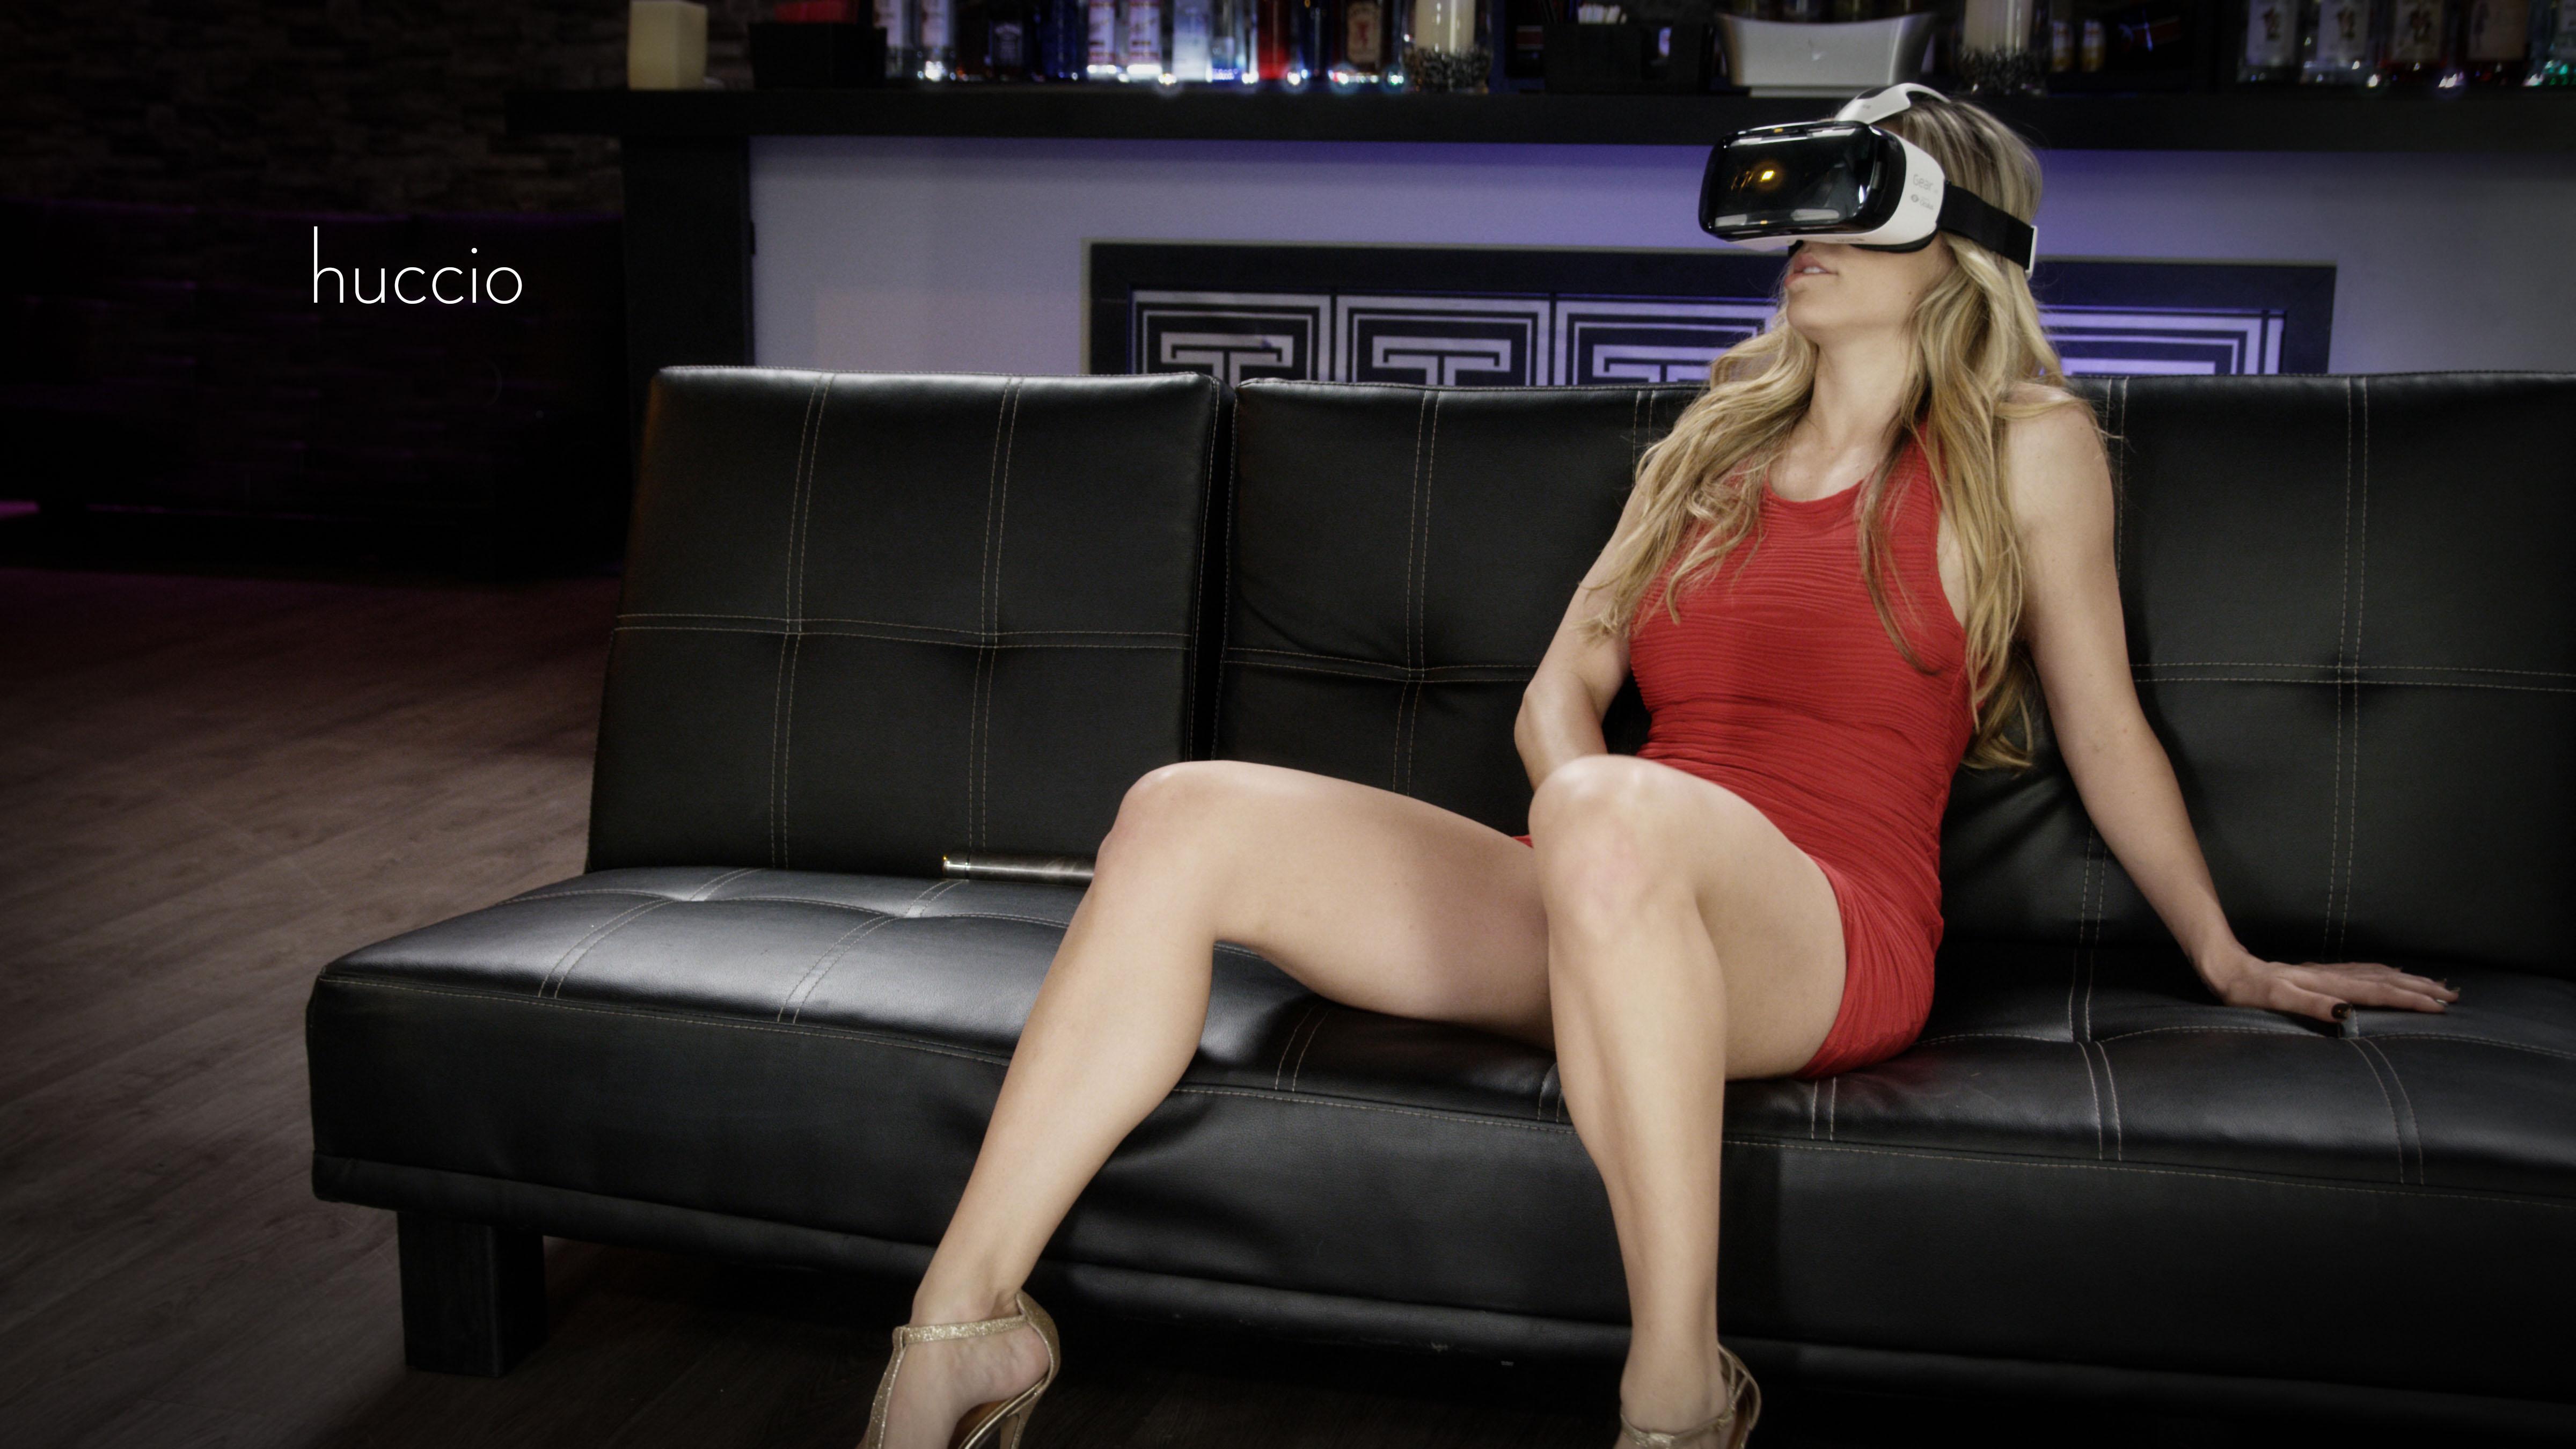 Программа виртуальный порно 11 фотография